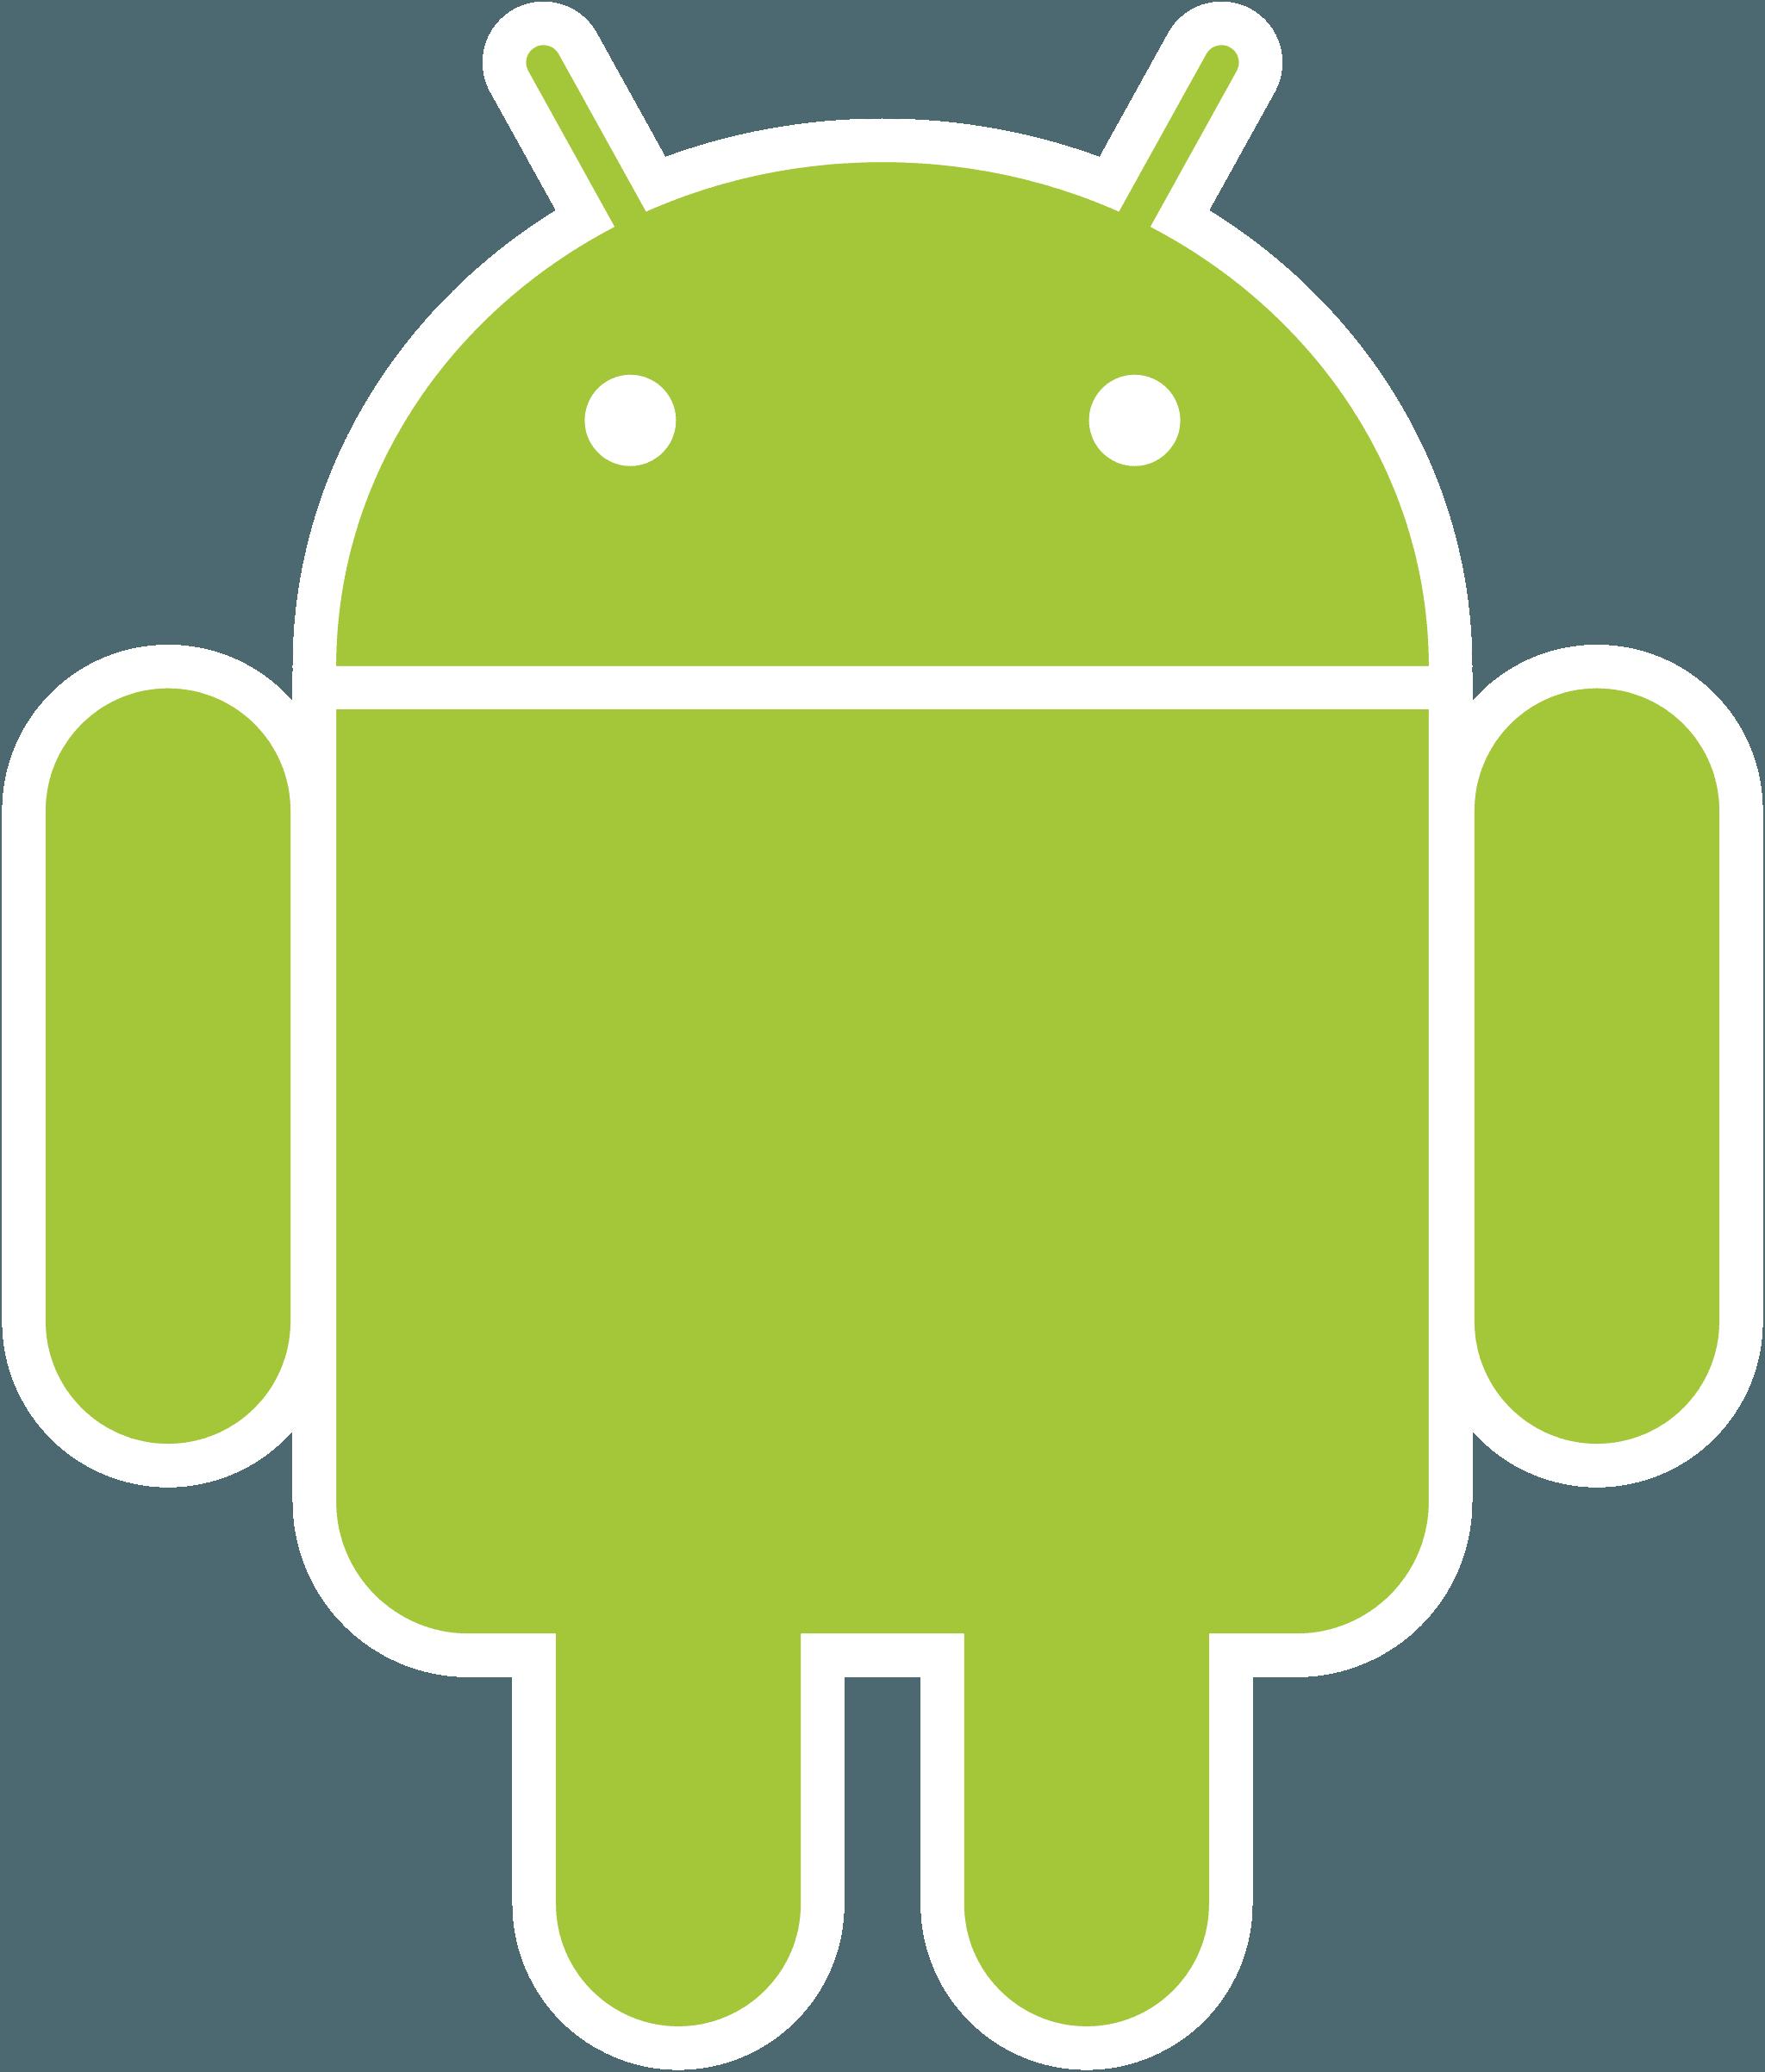 Aplicativo Android | Crie seu aplicativo grátis